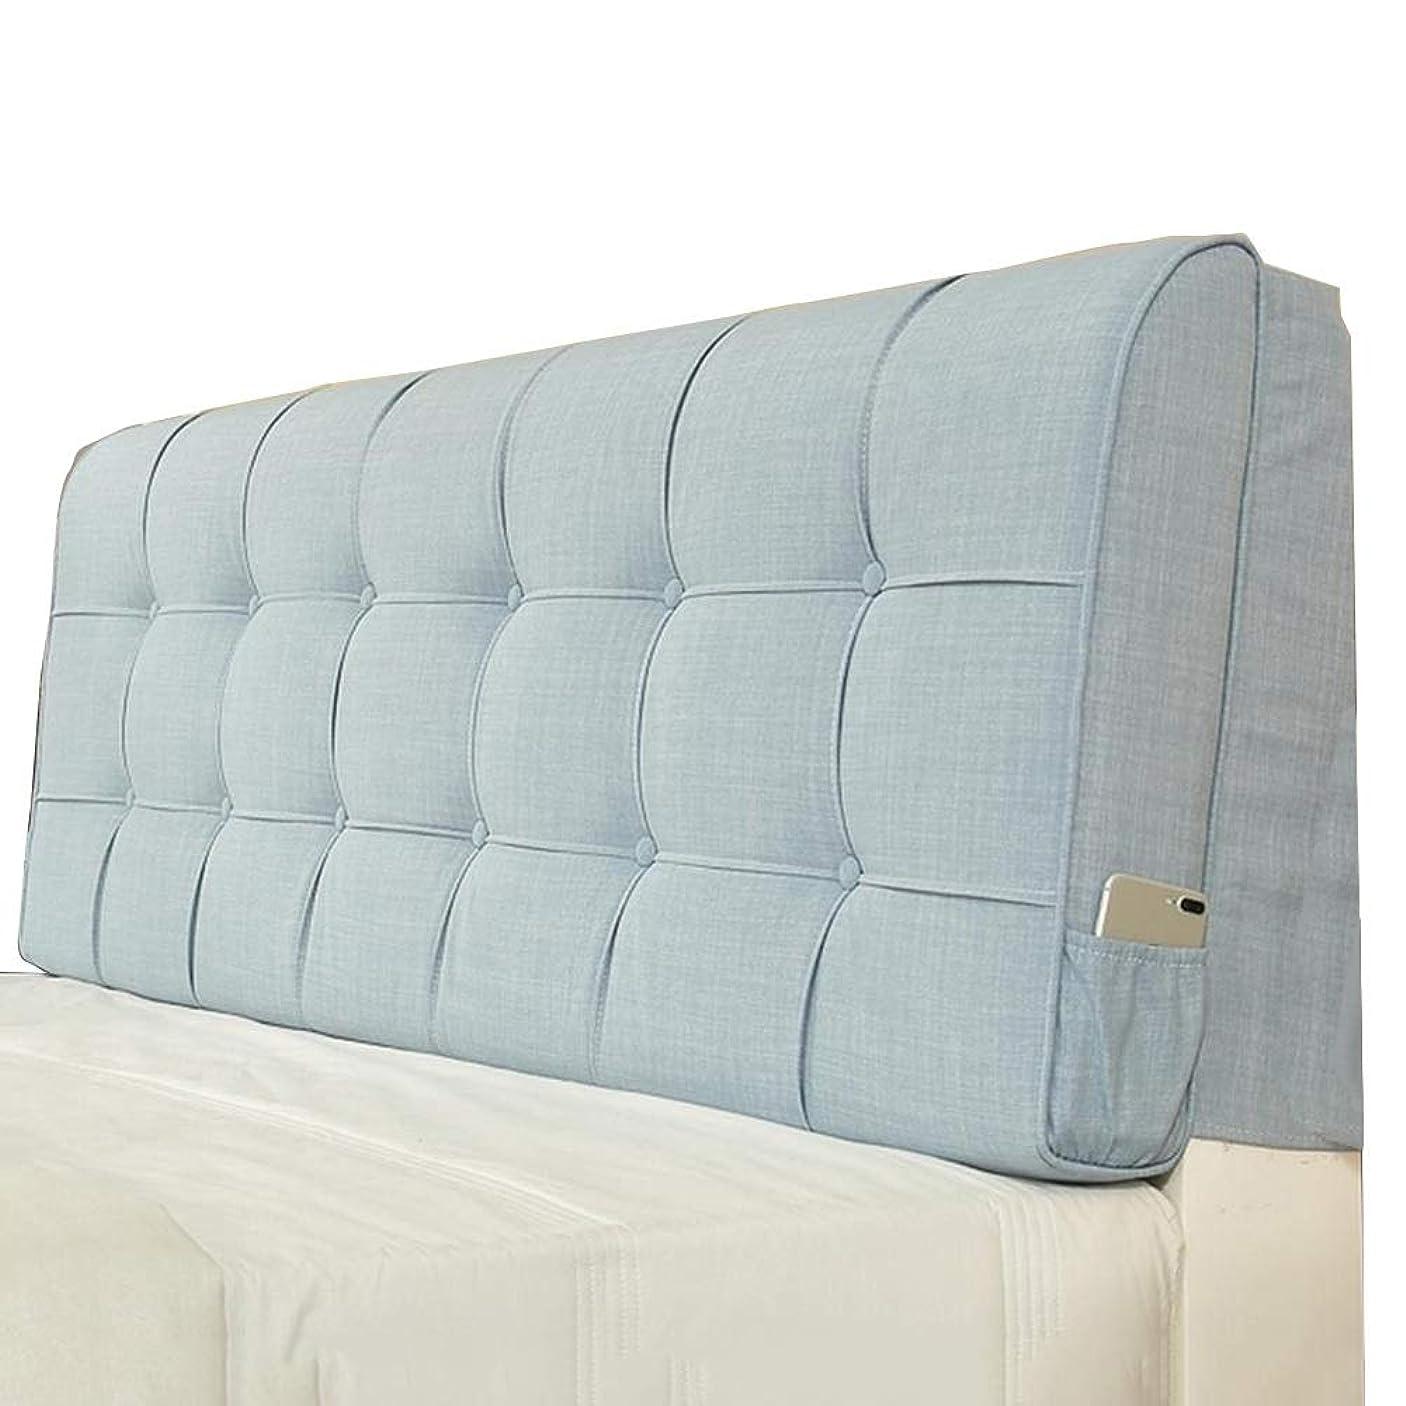 しわ面積パラメータLIANGLIANG クッションベッドの背もたれ ベッド読書枕背もたれクッション洗えるウエストサポート布、 5色、9サイズ (色 : ブロンズ, サイズ さいず : 190X58X10cm)